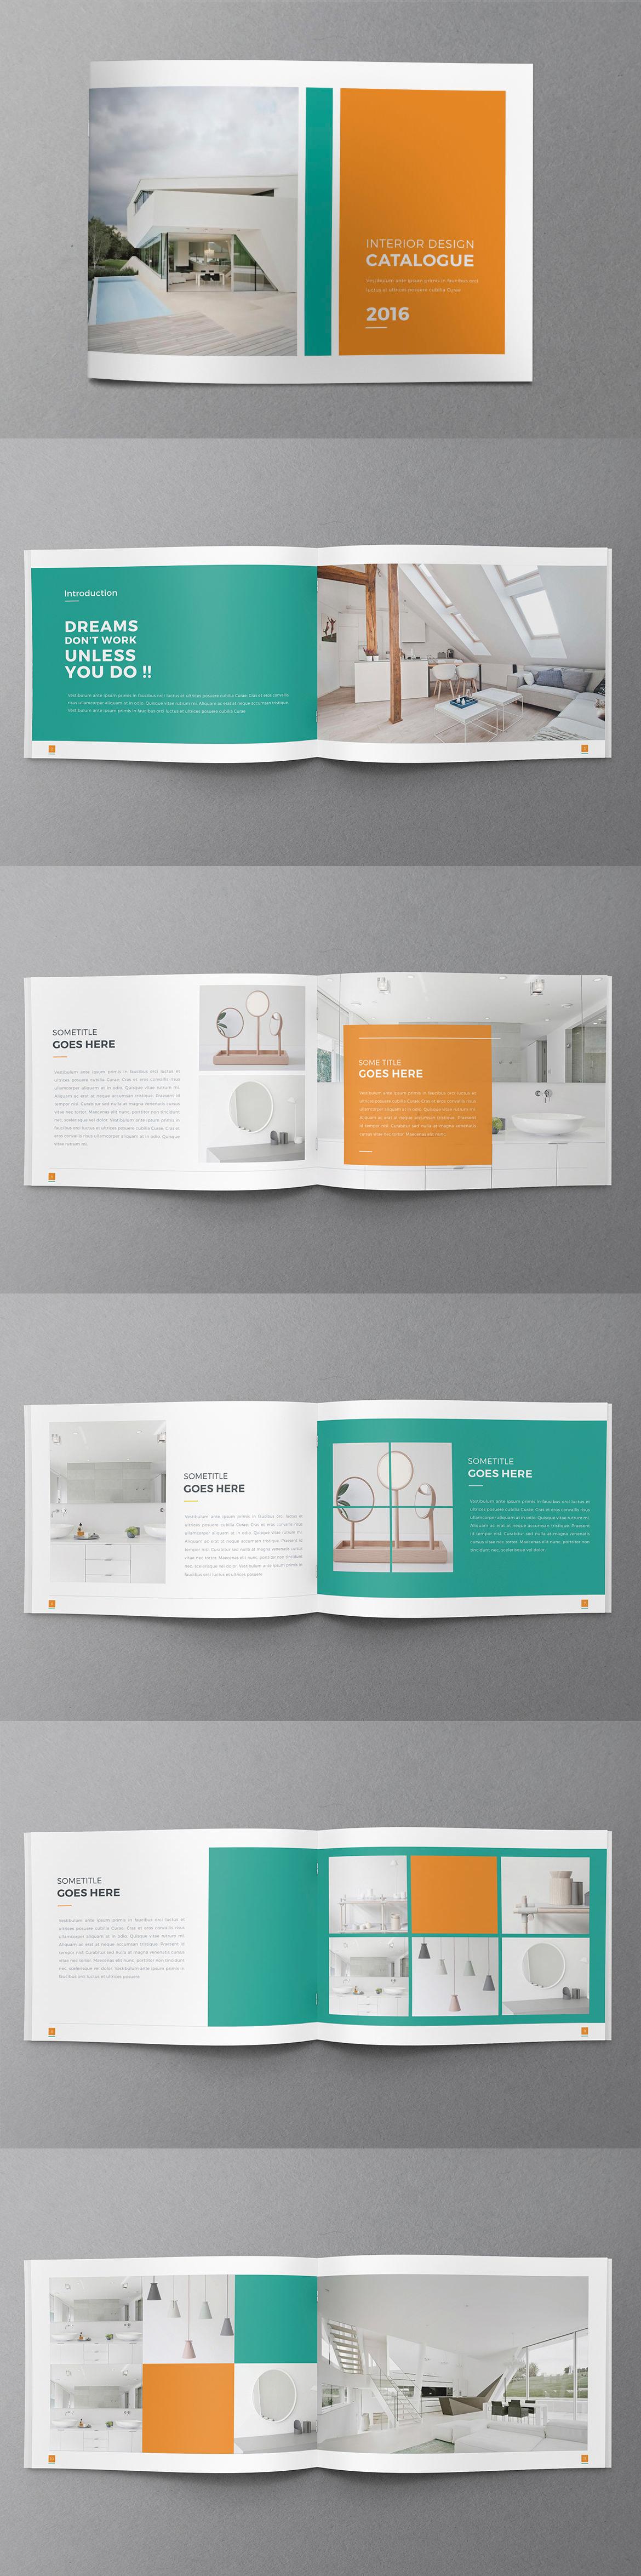 Clean Multipurpose Brochure - Catalog - Portfolio - Template InDesign INDD